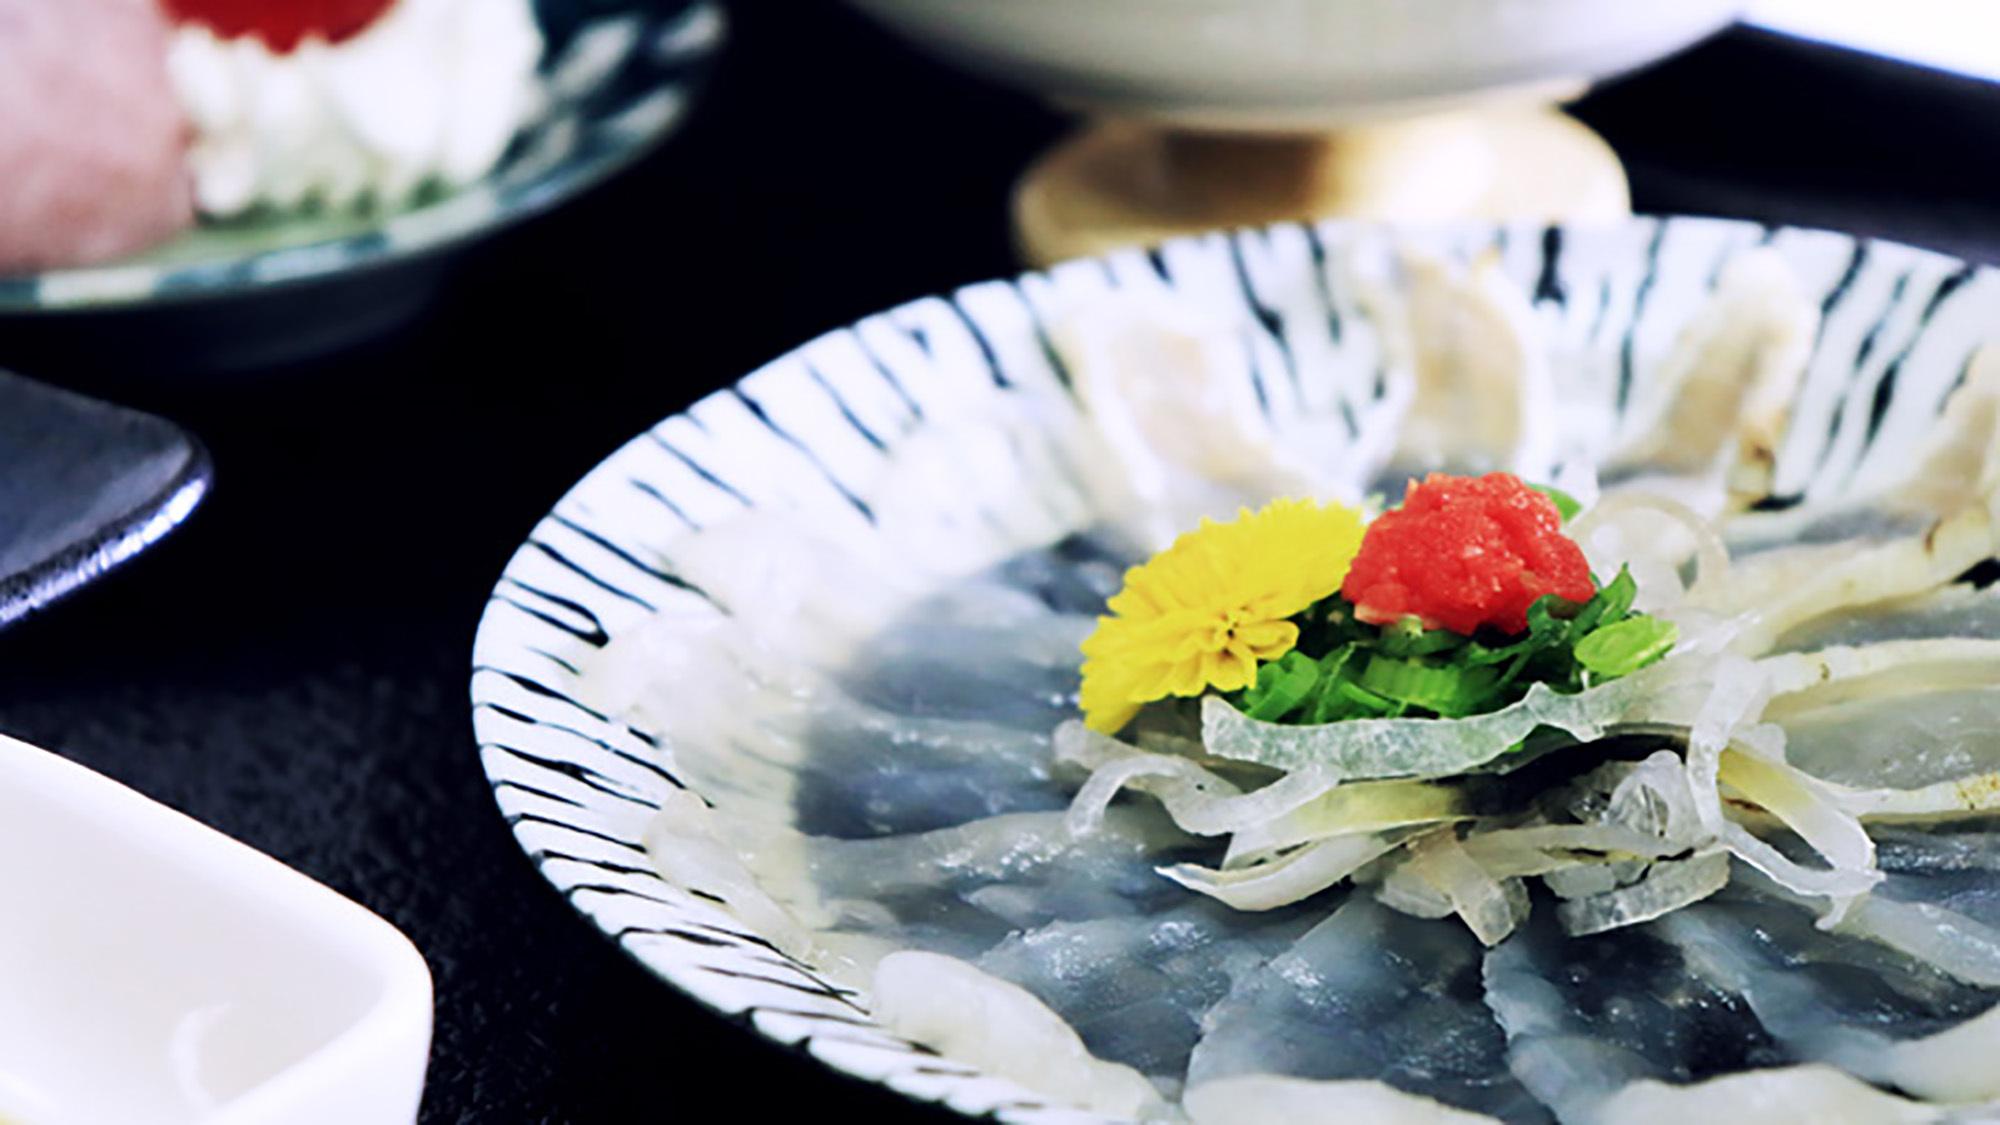 *ぷりぷりの食感と極上の味わいを堪能するプチ贅沢な時間を満喫☆